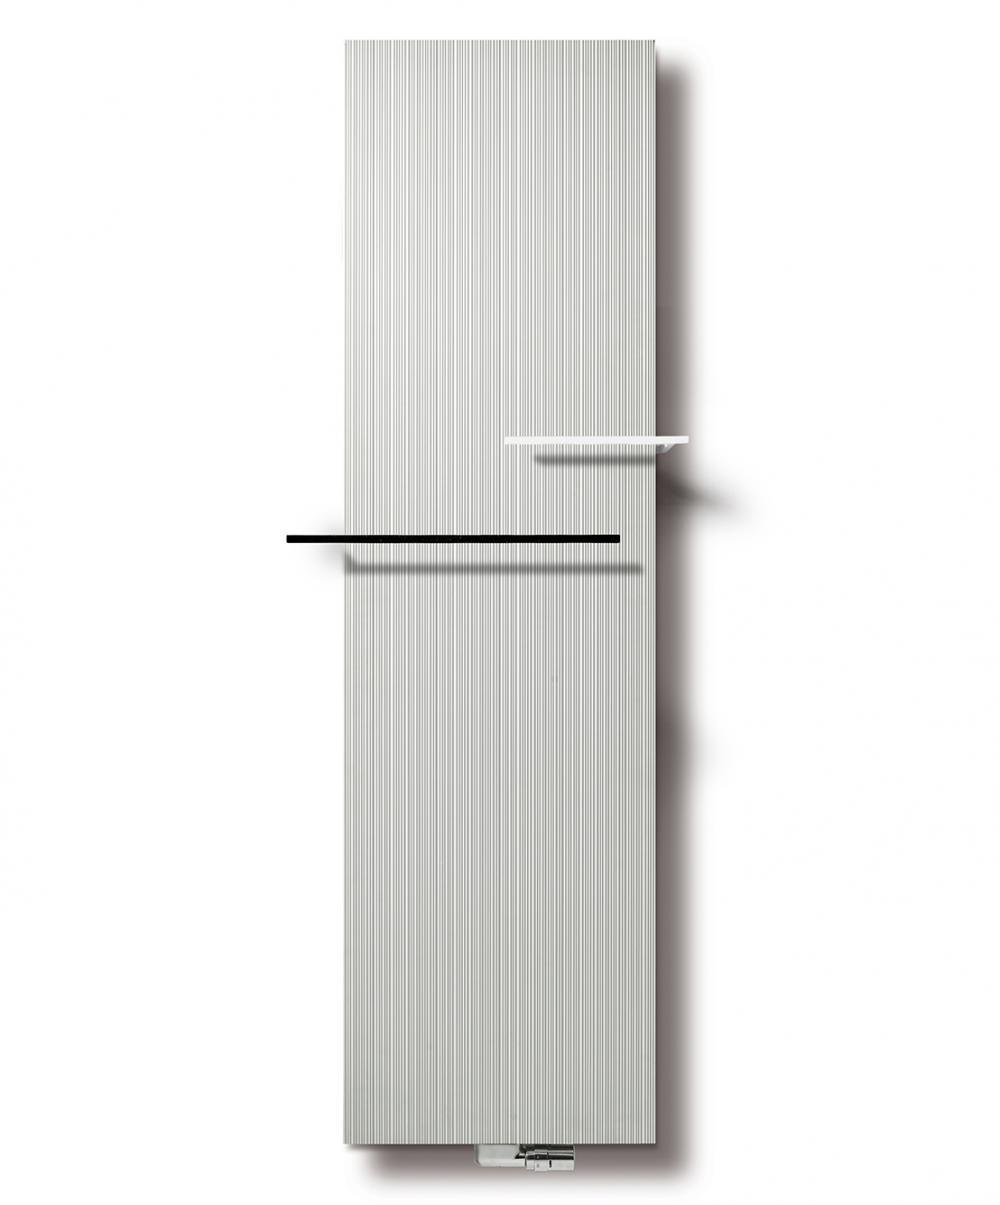 Calorifere decorative aluminiu Vasco Bryce 1800x525 mm, 1914 W